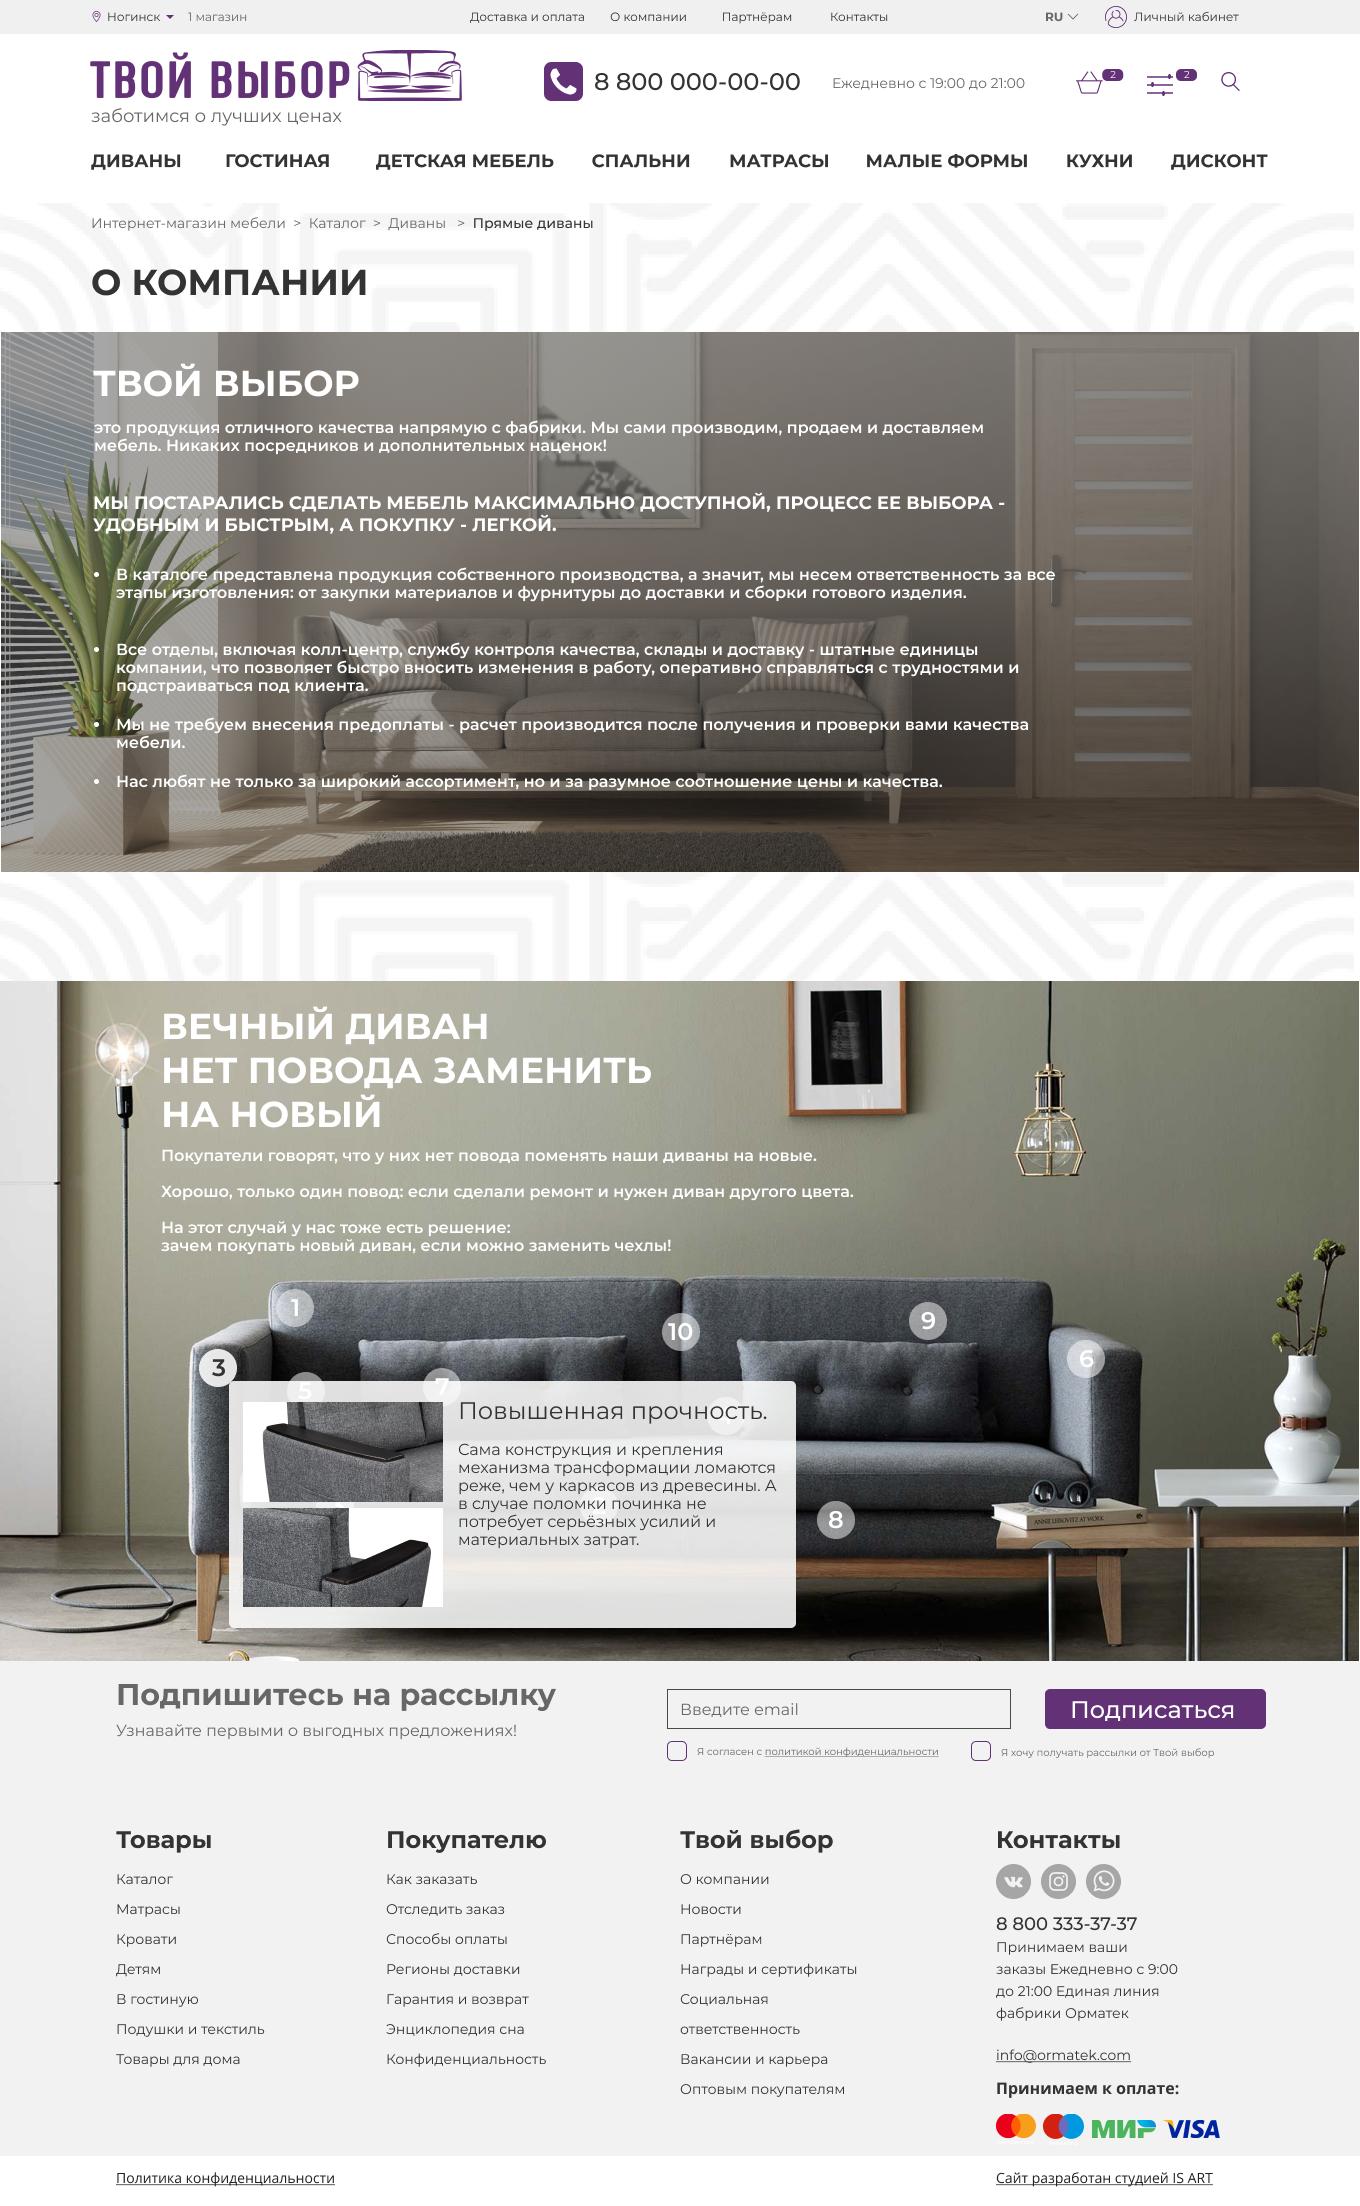 Макет сайта Интернет-магазин мебели Твой Выбор 2